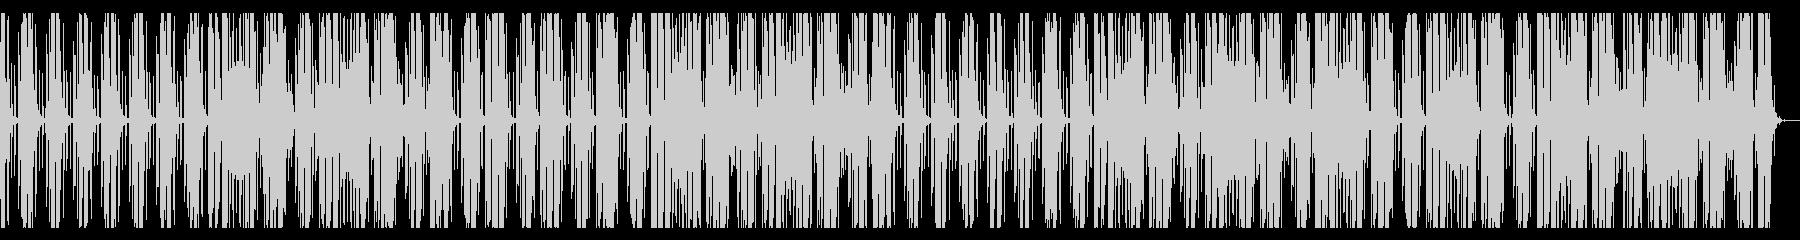 おしゃれなバーをイメージしたBGMの未再生の波形